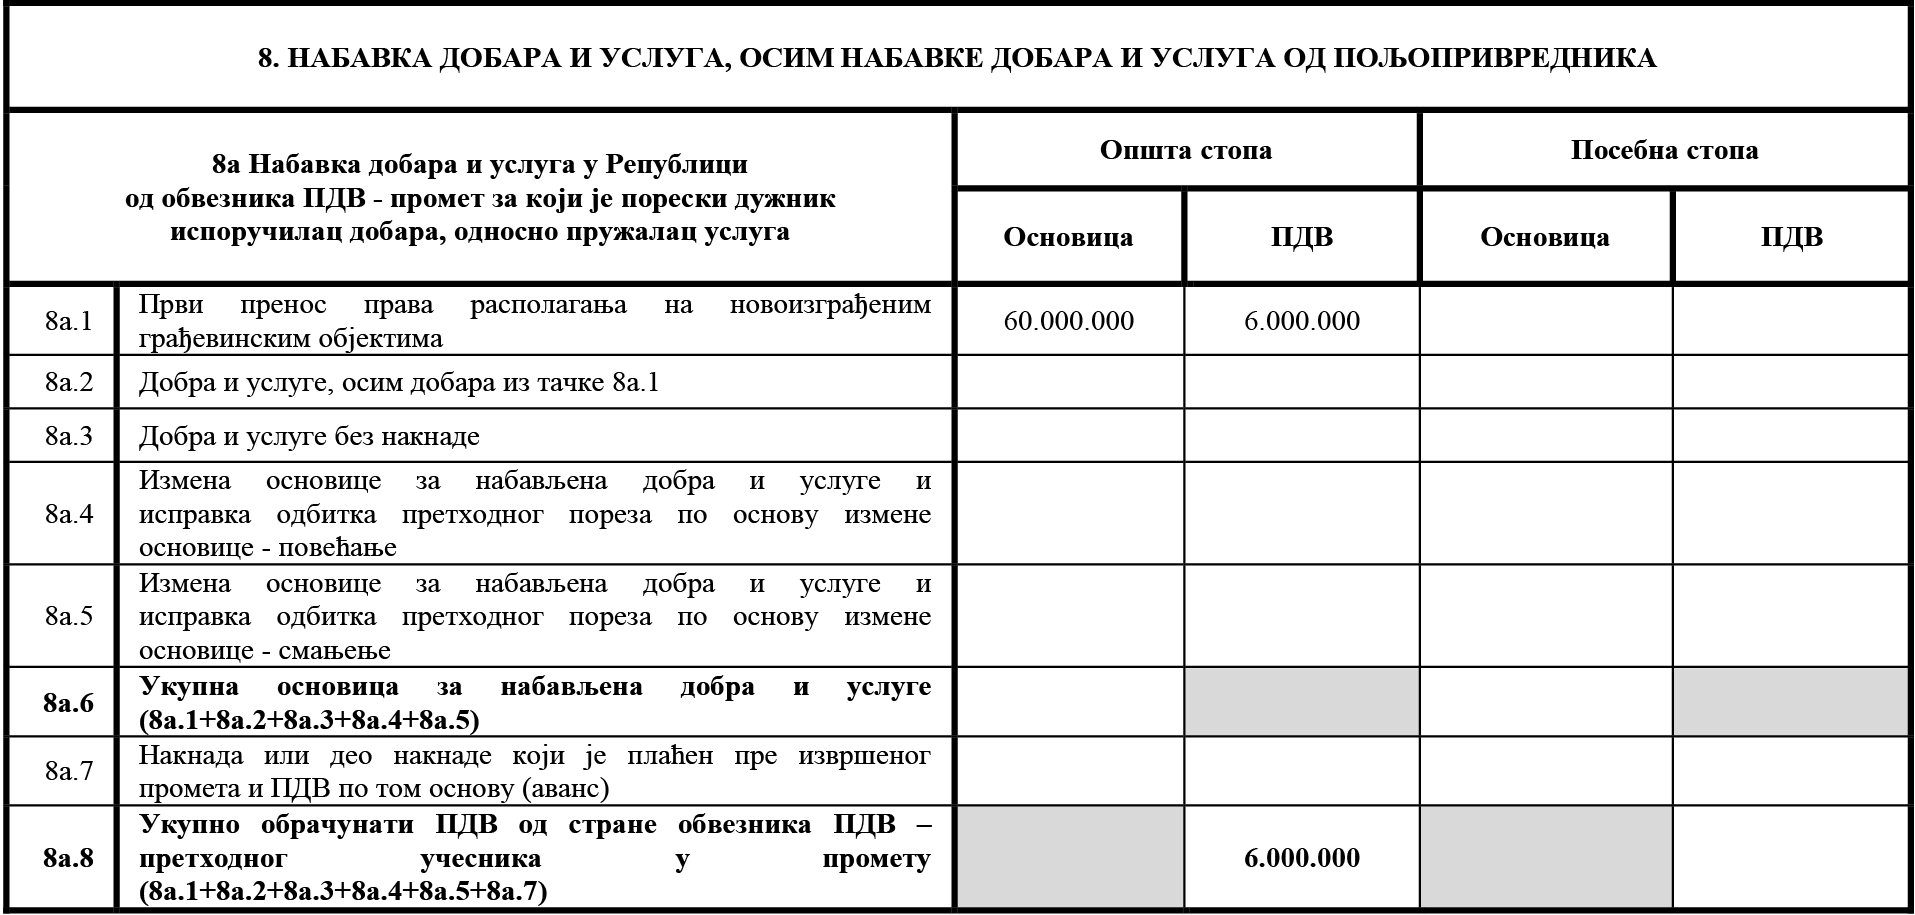 uputstvo PU obrazac POPDV primer 93 - 3